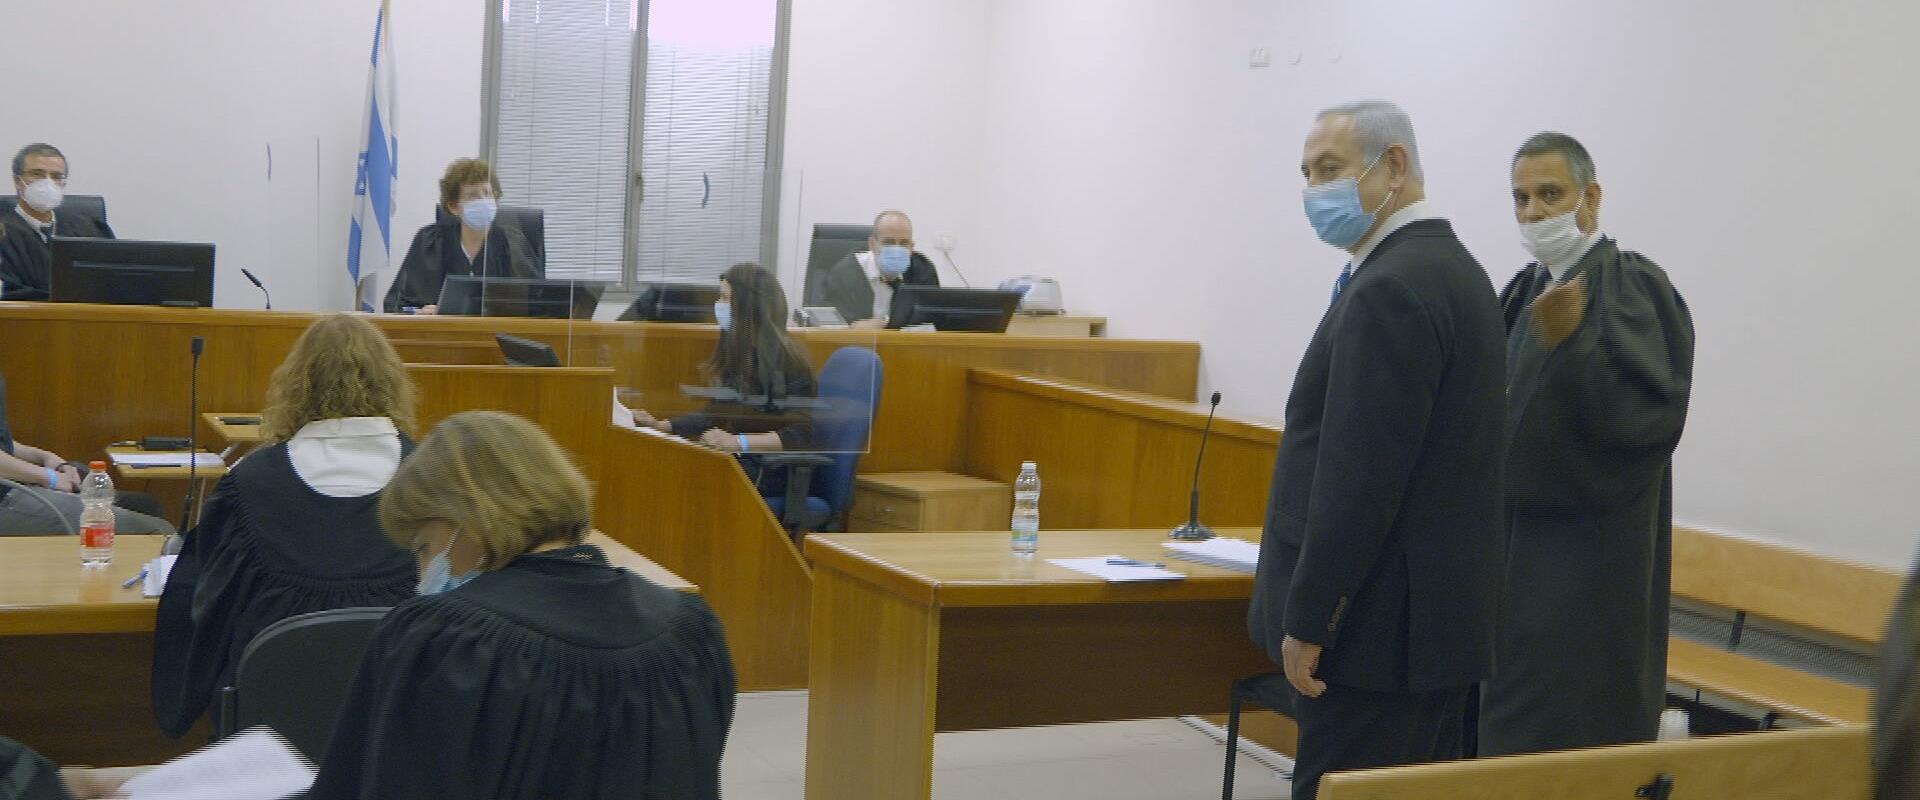 נתניהו באולם בית המשפט המחוזי ירושלים